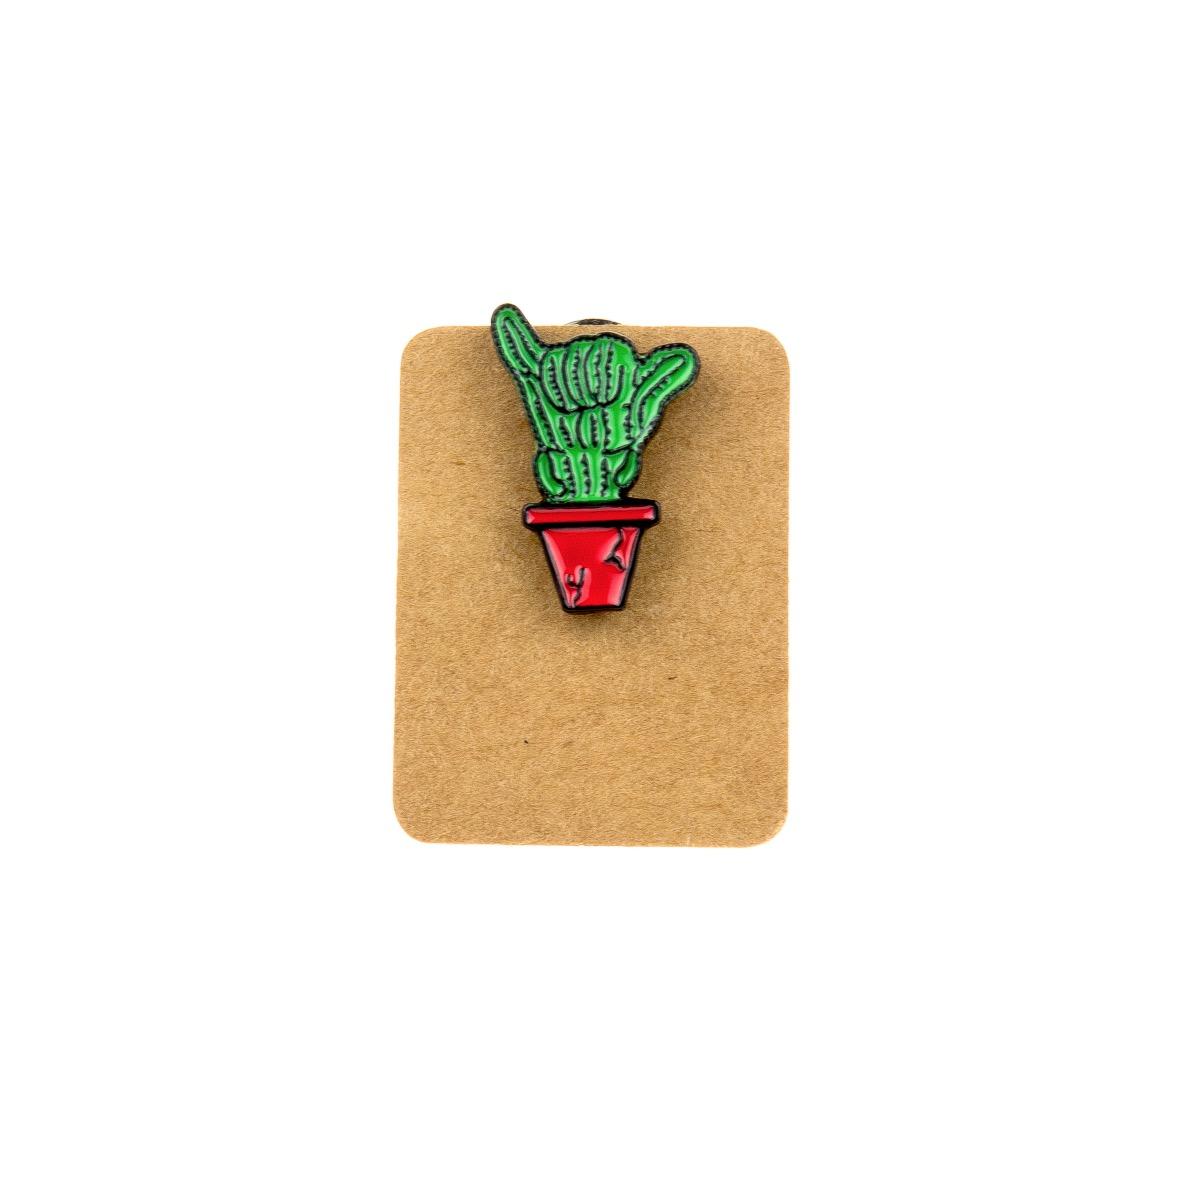 Metal Cactus Heavy Metal Sign Enamel Pin Badge